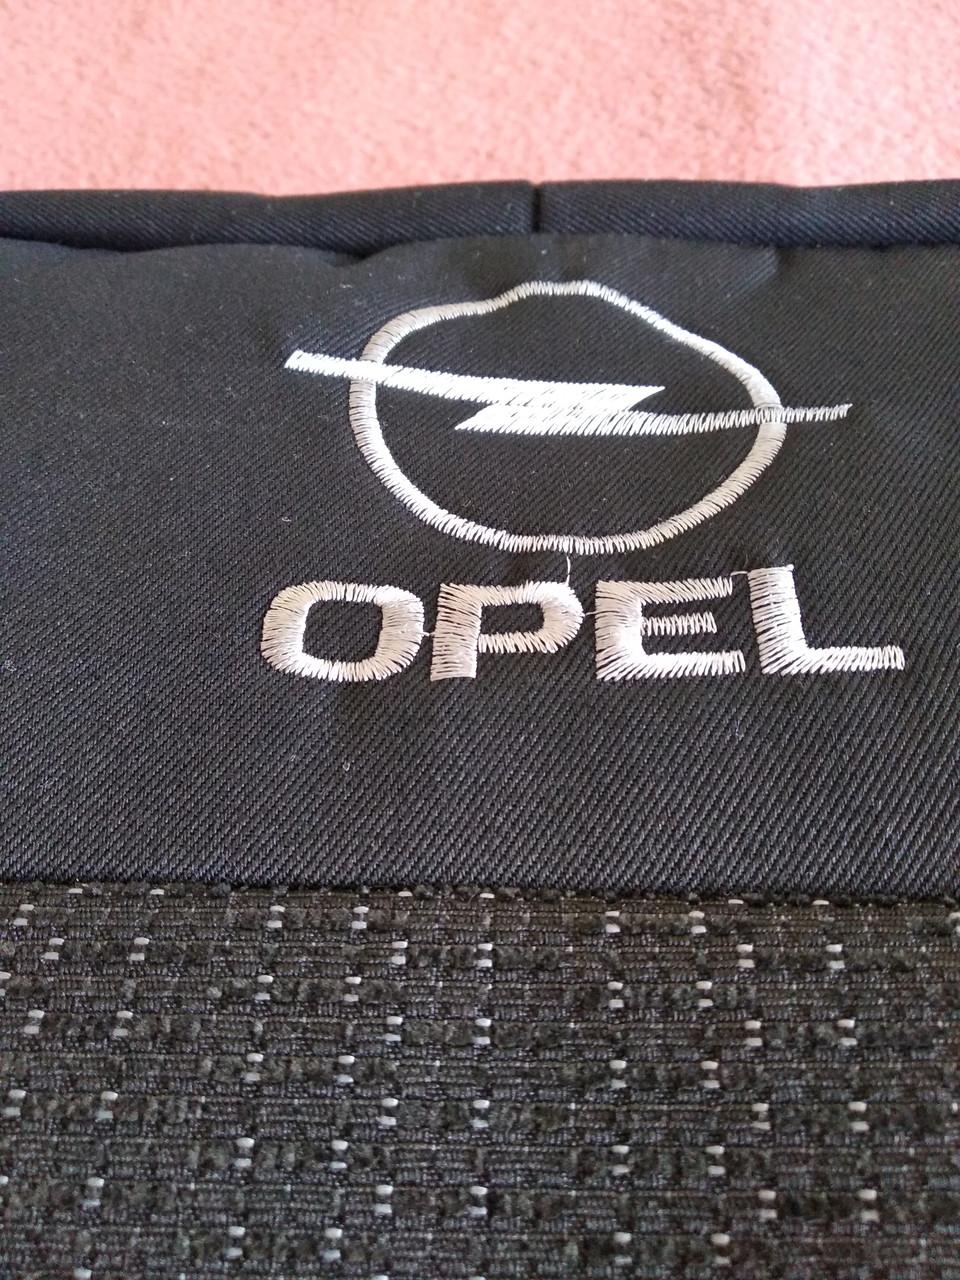 Чехлы на сиденья OPEL Astra G с 1998 г. 1/3 спина / 5 подголовников. Опель Астра